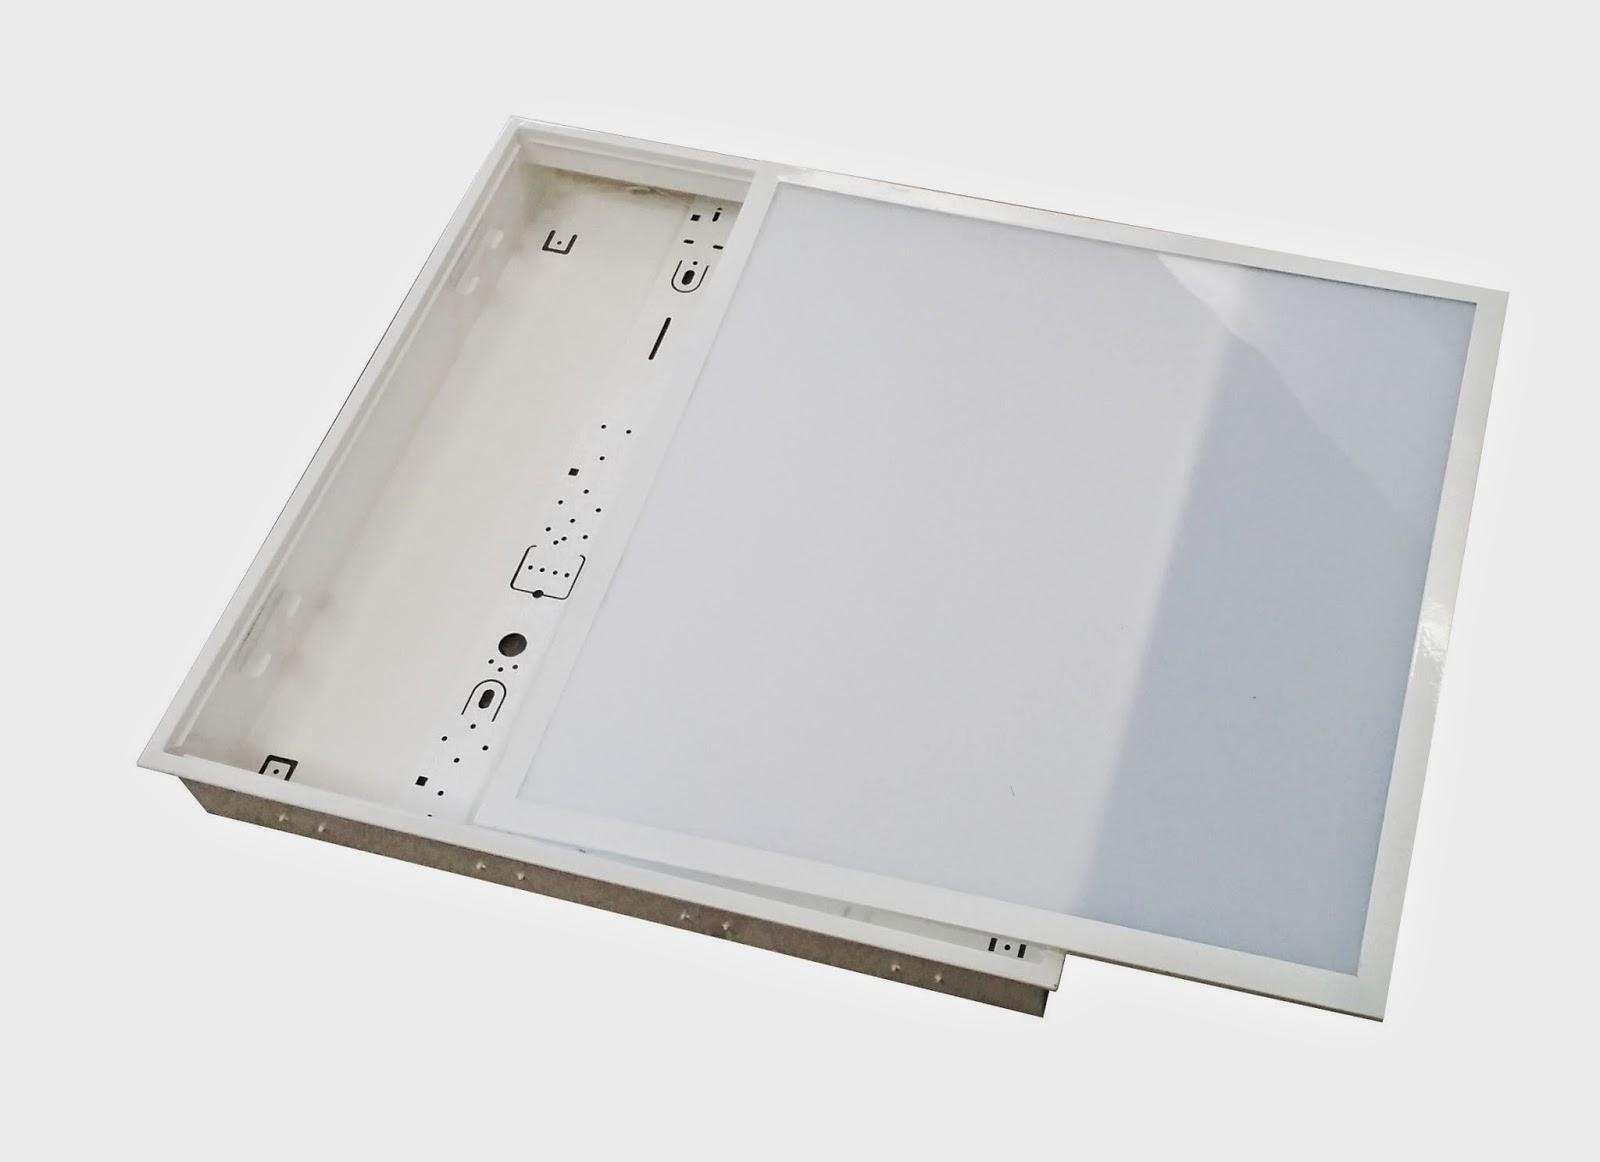 Plafoniere Da Controsoffitto : Illuminazione led plafoniera da incasso con ottica opalina per